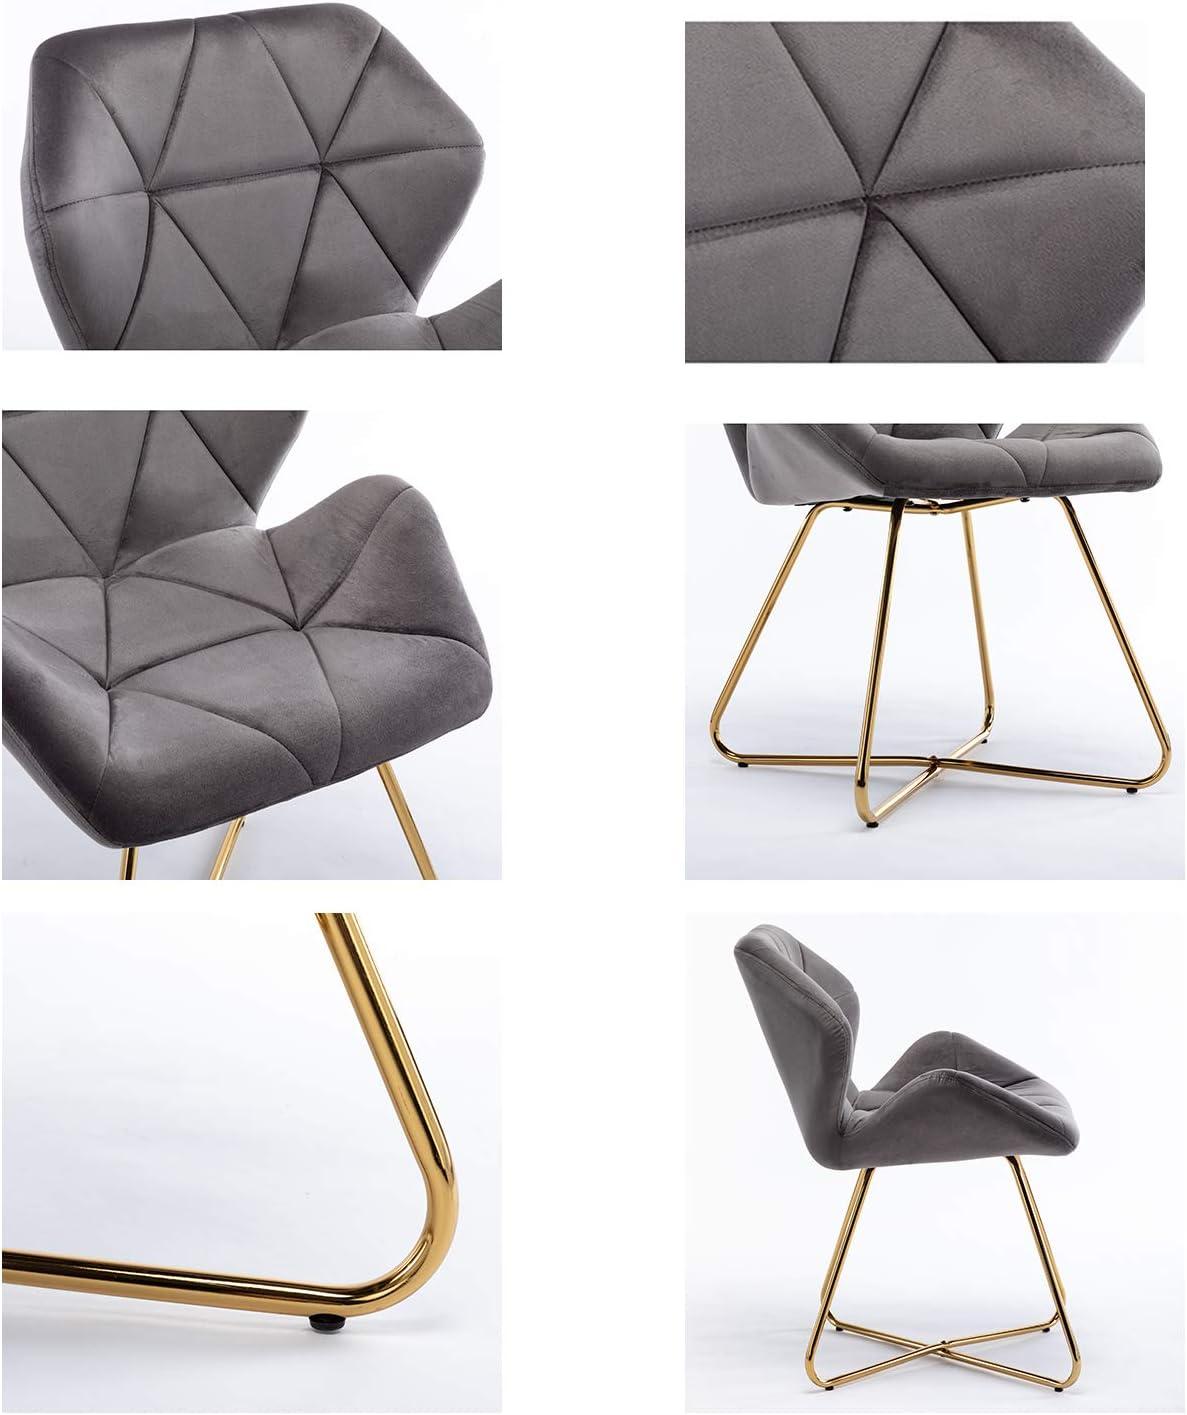 Glamexx24 Hallo Home® Lot de 2 chaises de Salle à Manger Chaise de Cuisine en Velours Chaise de Salon Fauteuil Chaise Visiteur Chaise Moderne Bleu Bleu